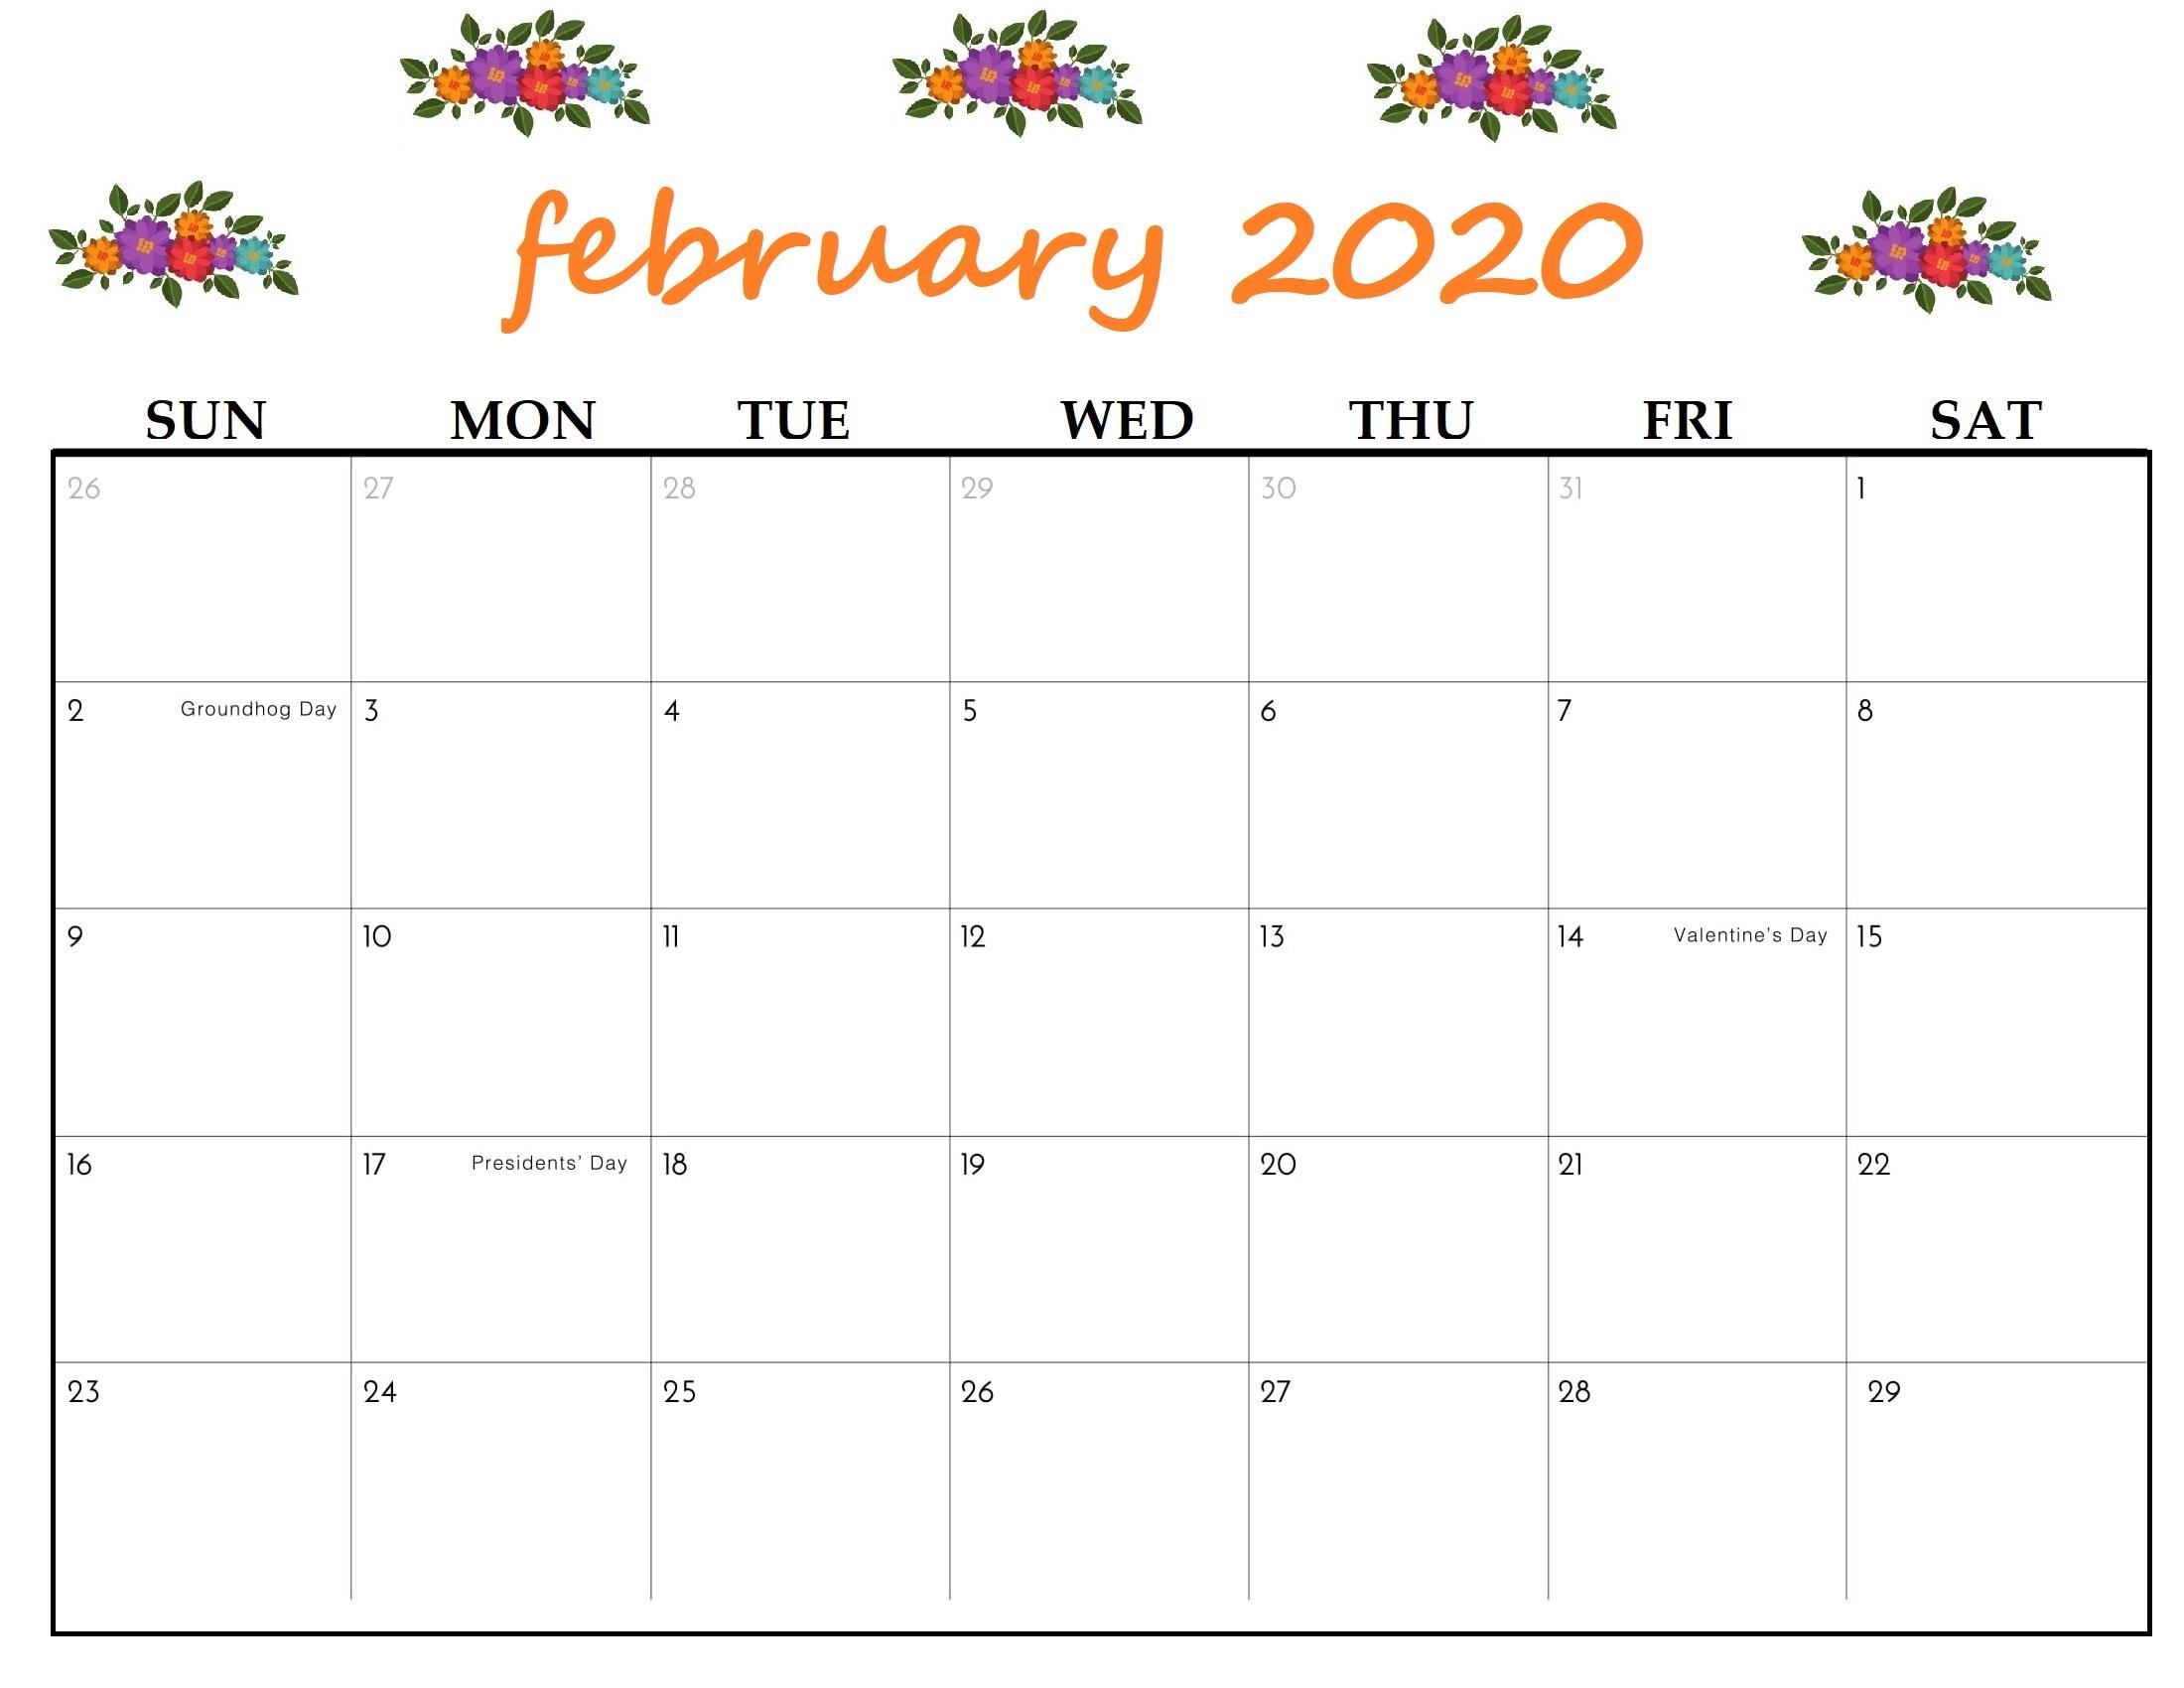 Free Printable February 2020 Calendar  Calendarkart intended for Feb 2020 Calendar